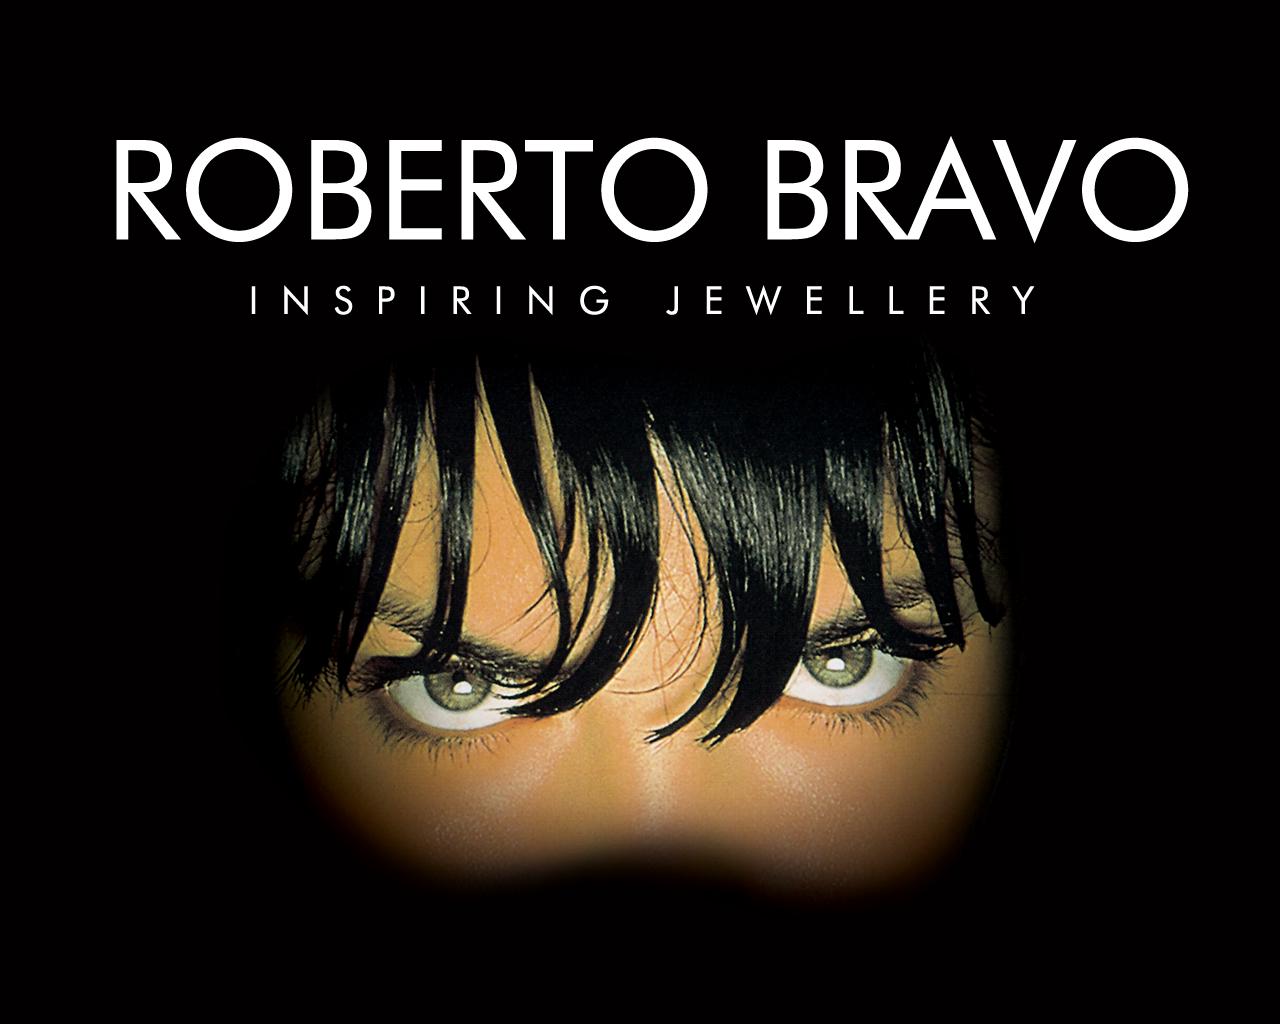 Roberto Bravo логотип бренда